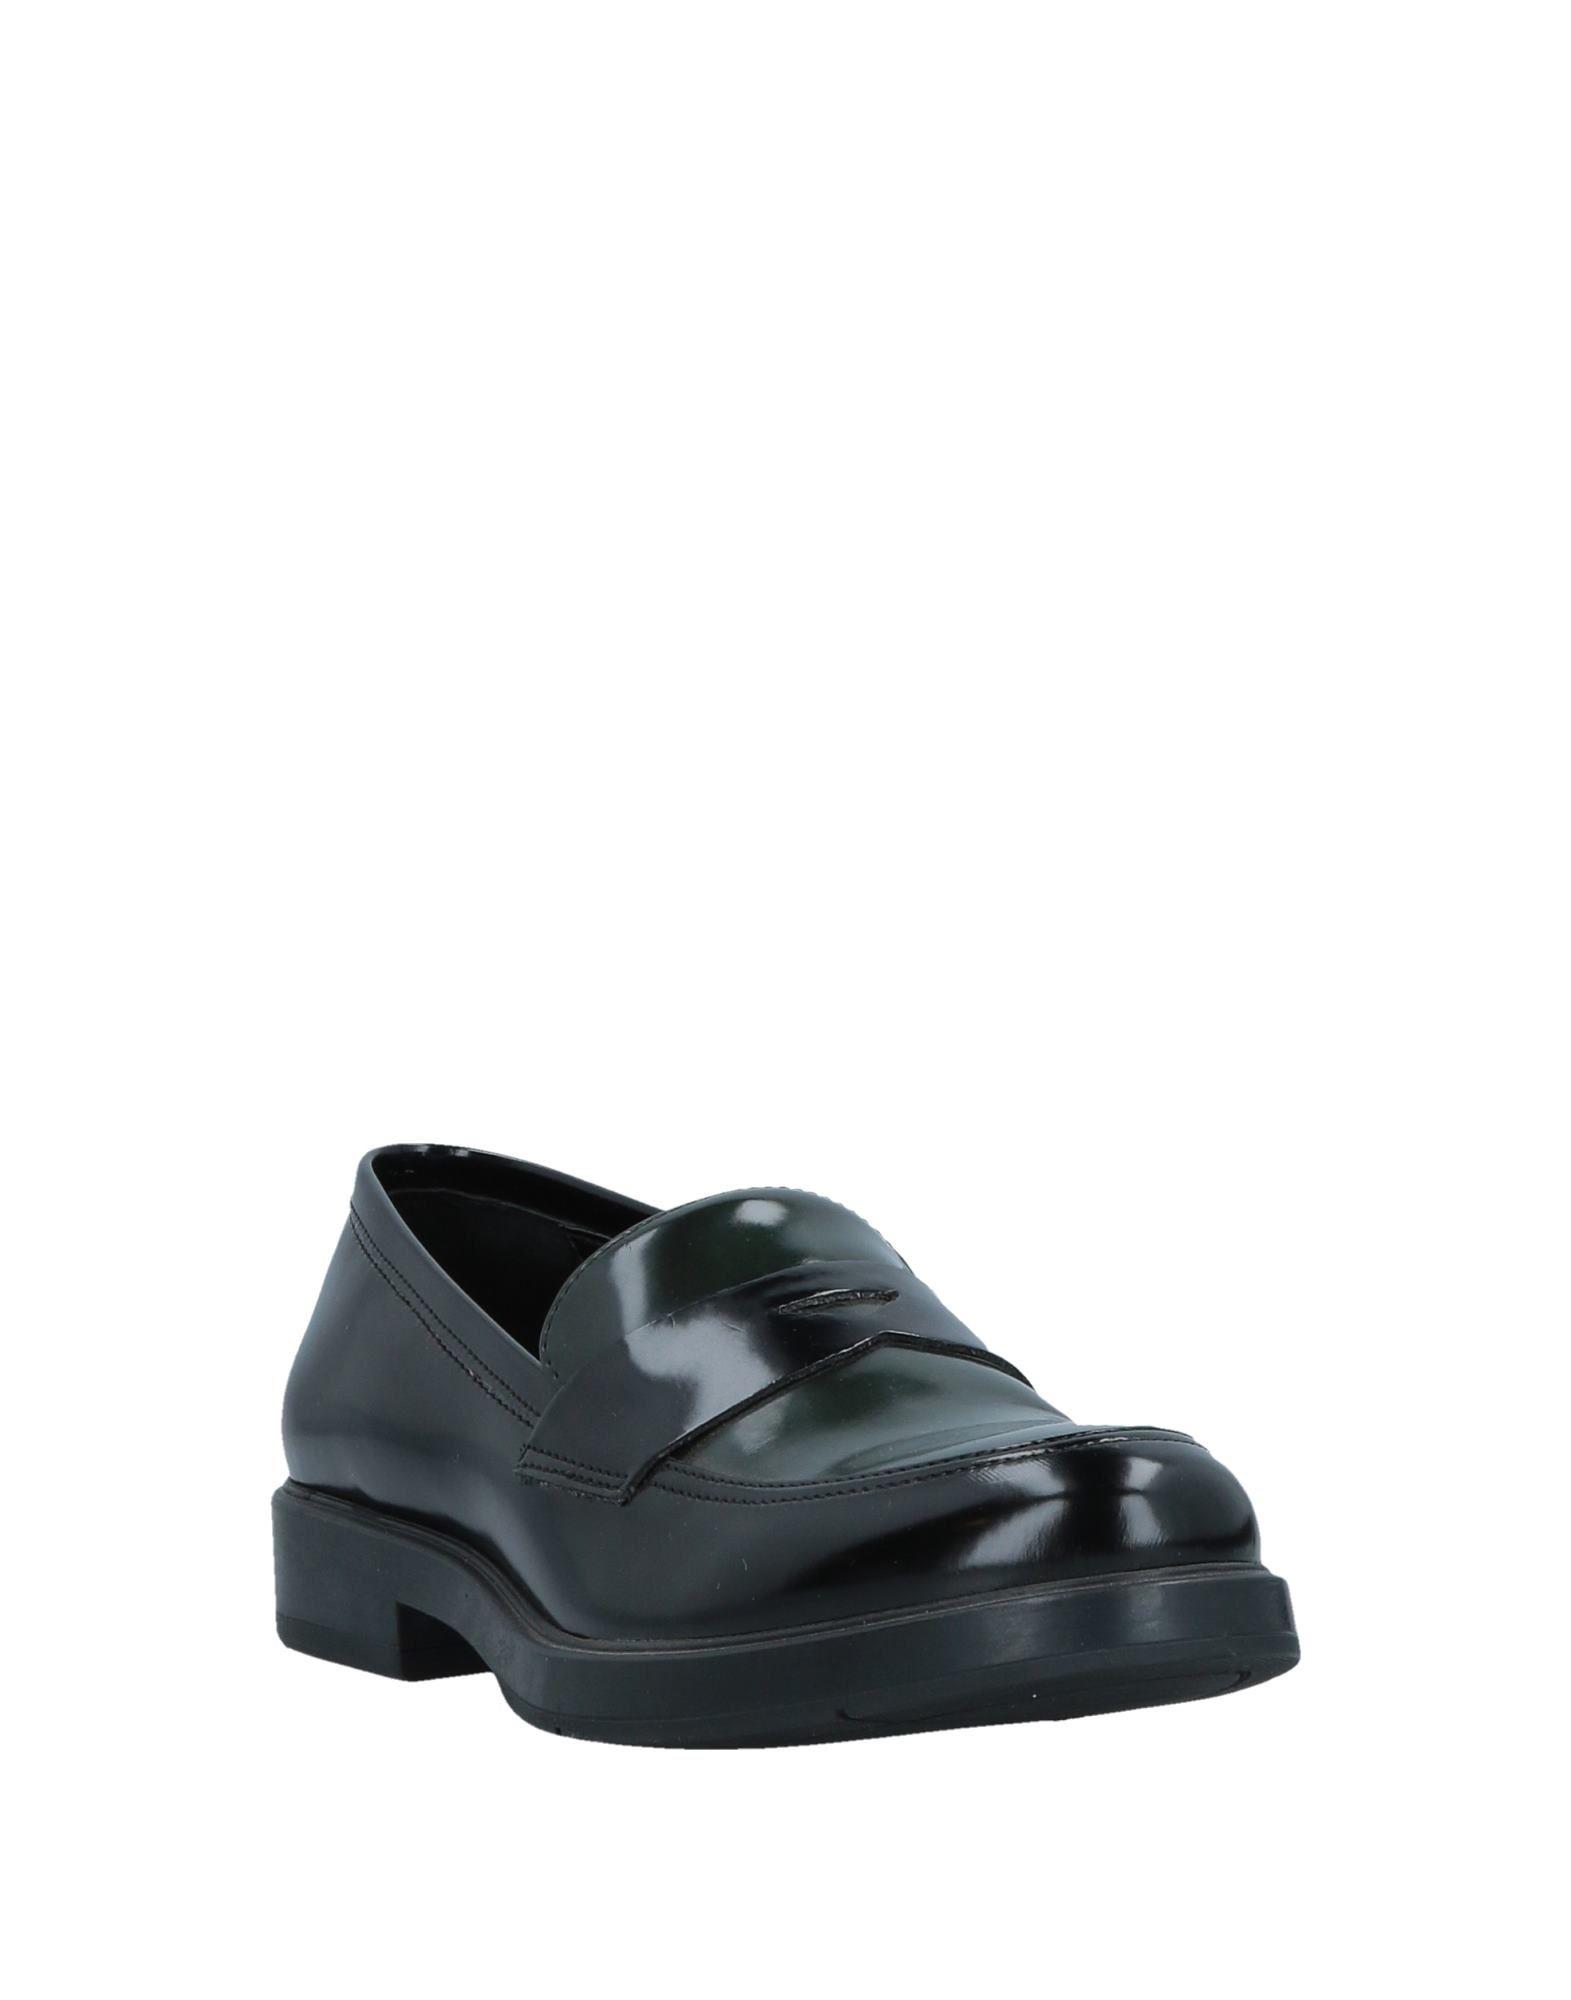 Chocolà Mokassins Damen  11531302IG 11531302IG 11531302IG Gute Qualität beliebte Schuhe 6601a3